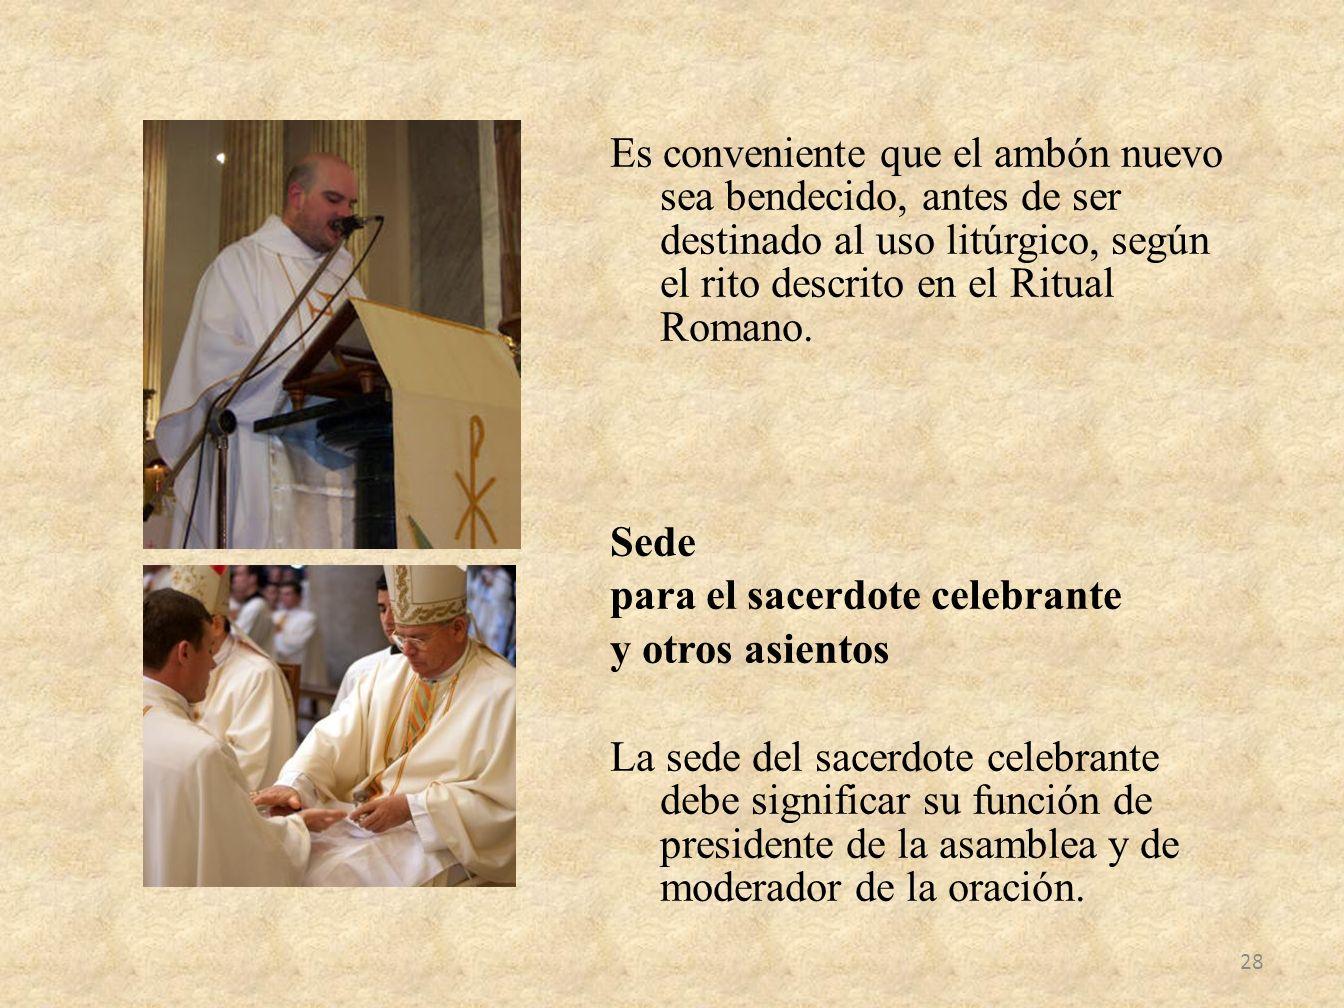 Es conveniente que el ambón nuevo sea bendecido, antes de ser destinado al uso litúrgico, según el rito descrito en el Ritual Romano. Sede para el sac